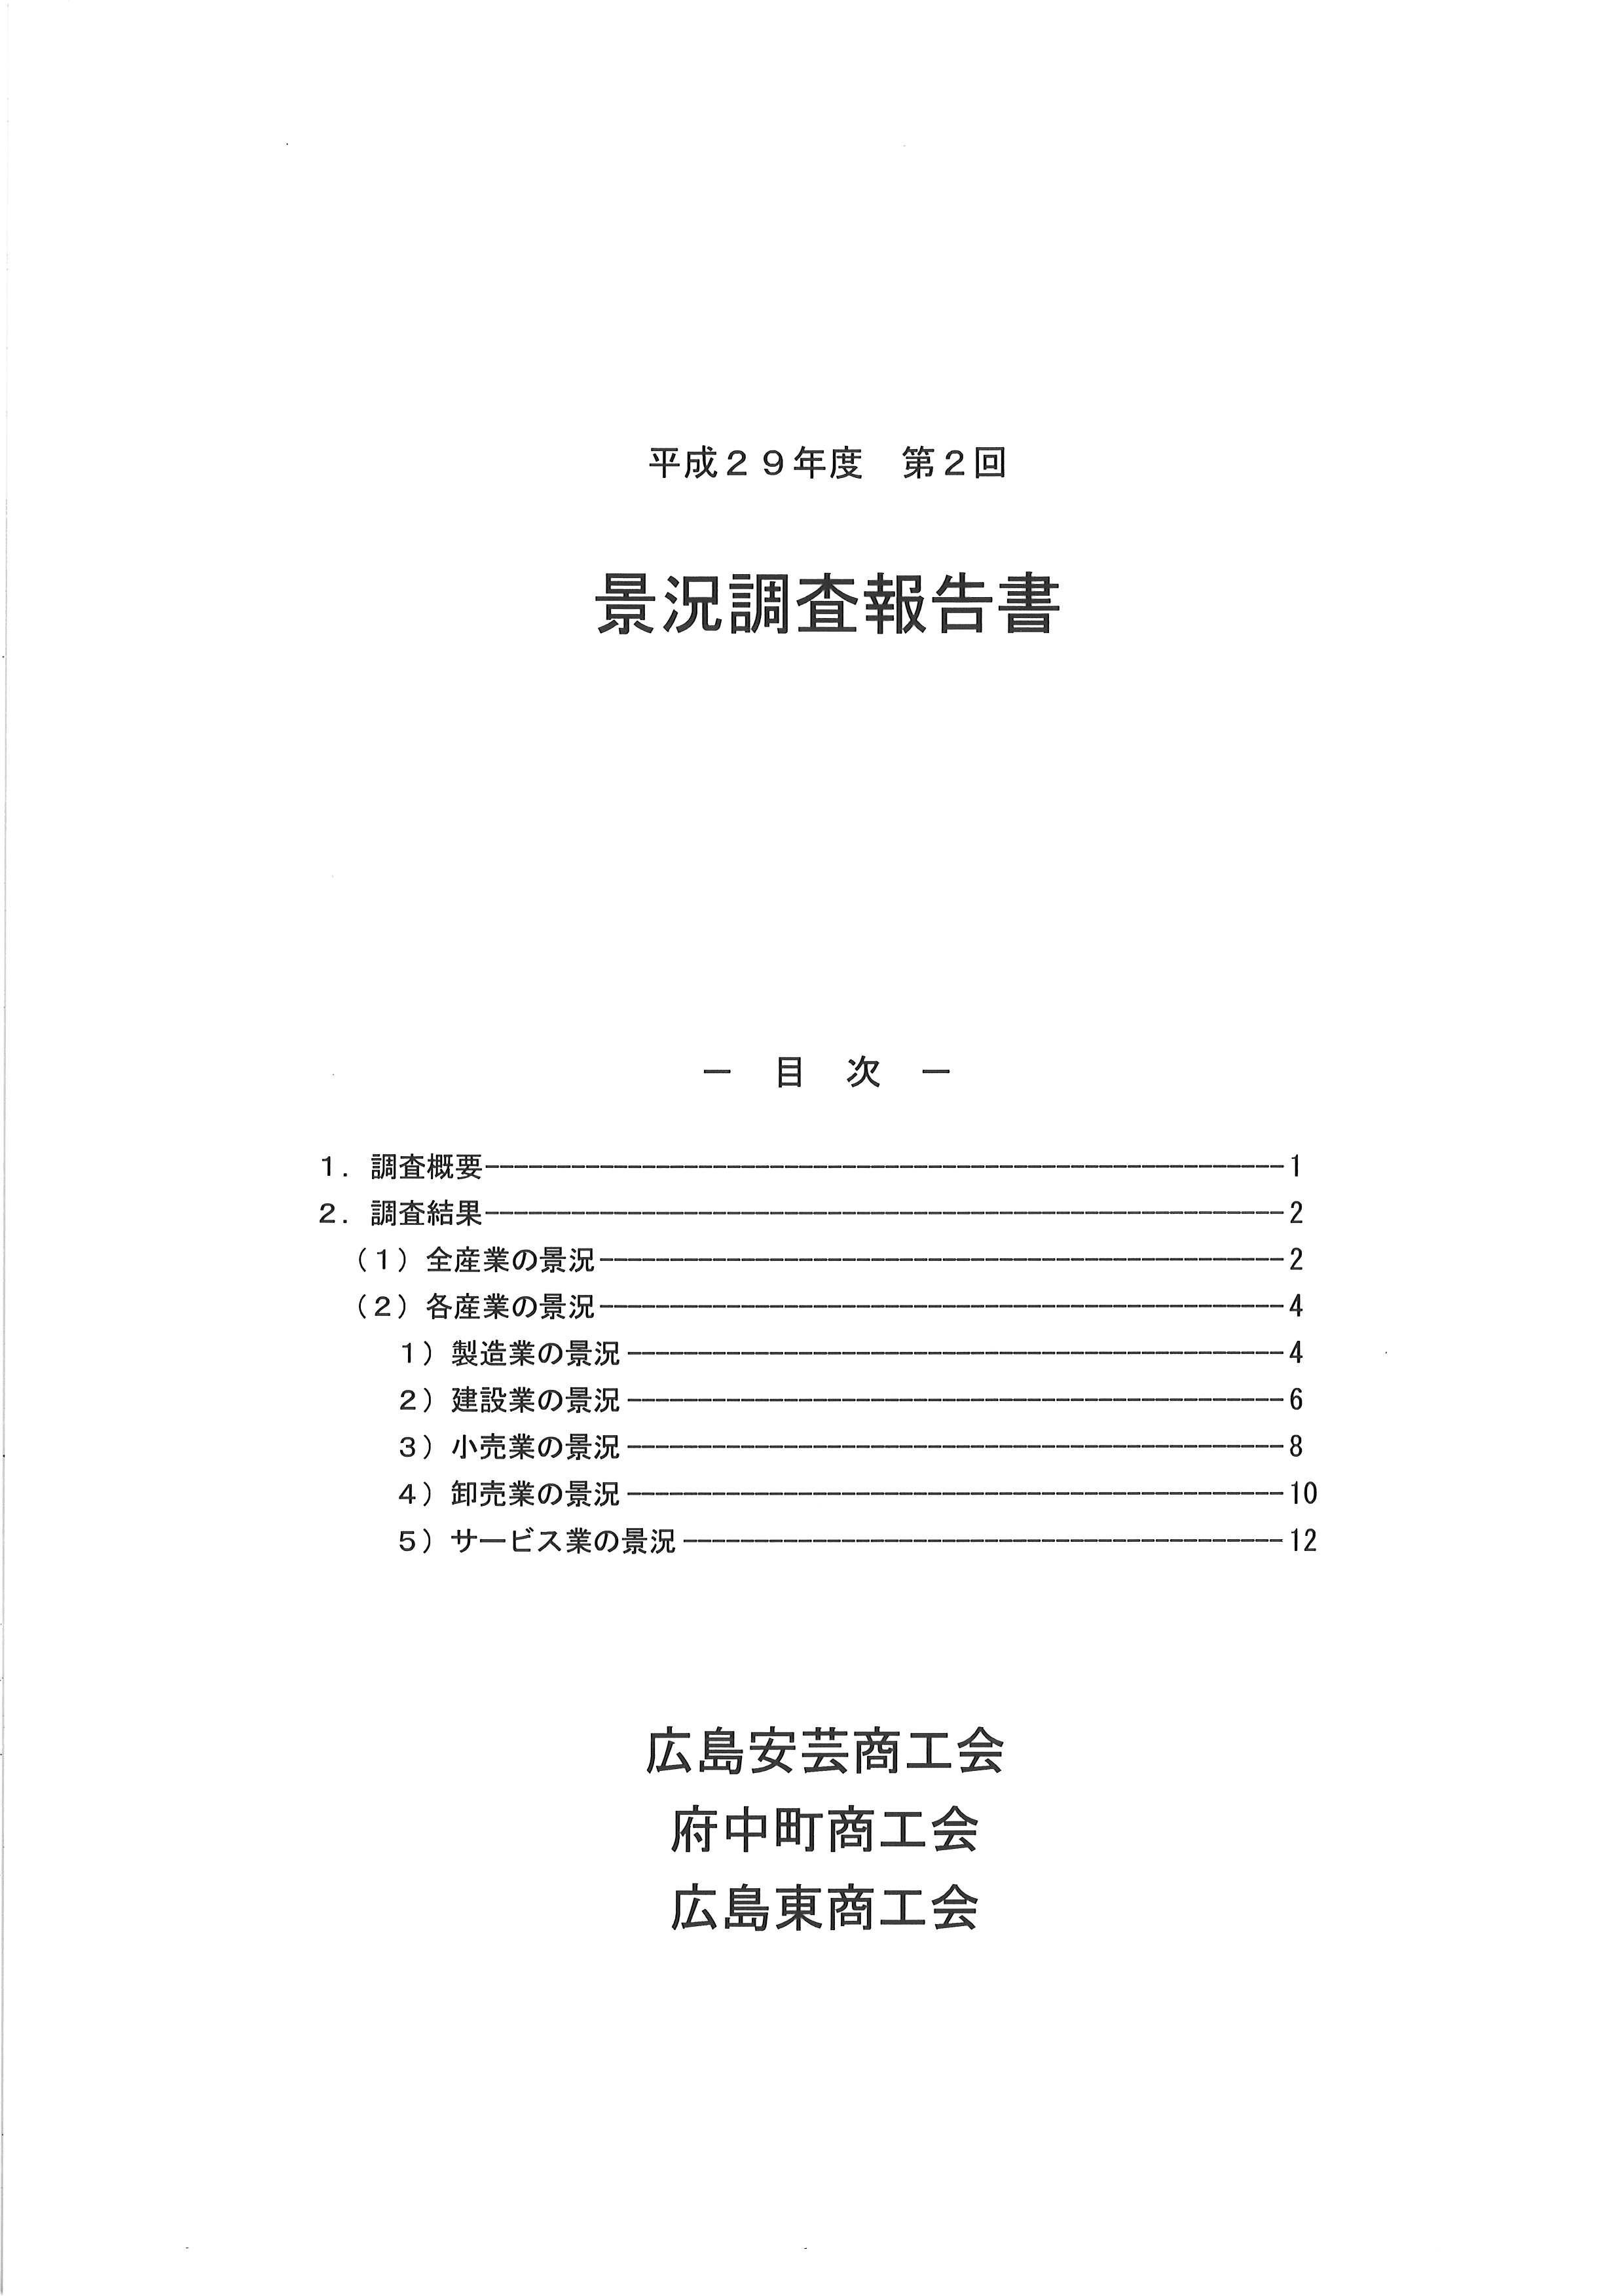 平成29年度第2回景況調査報告書を公開しています